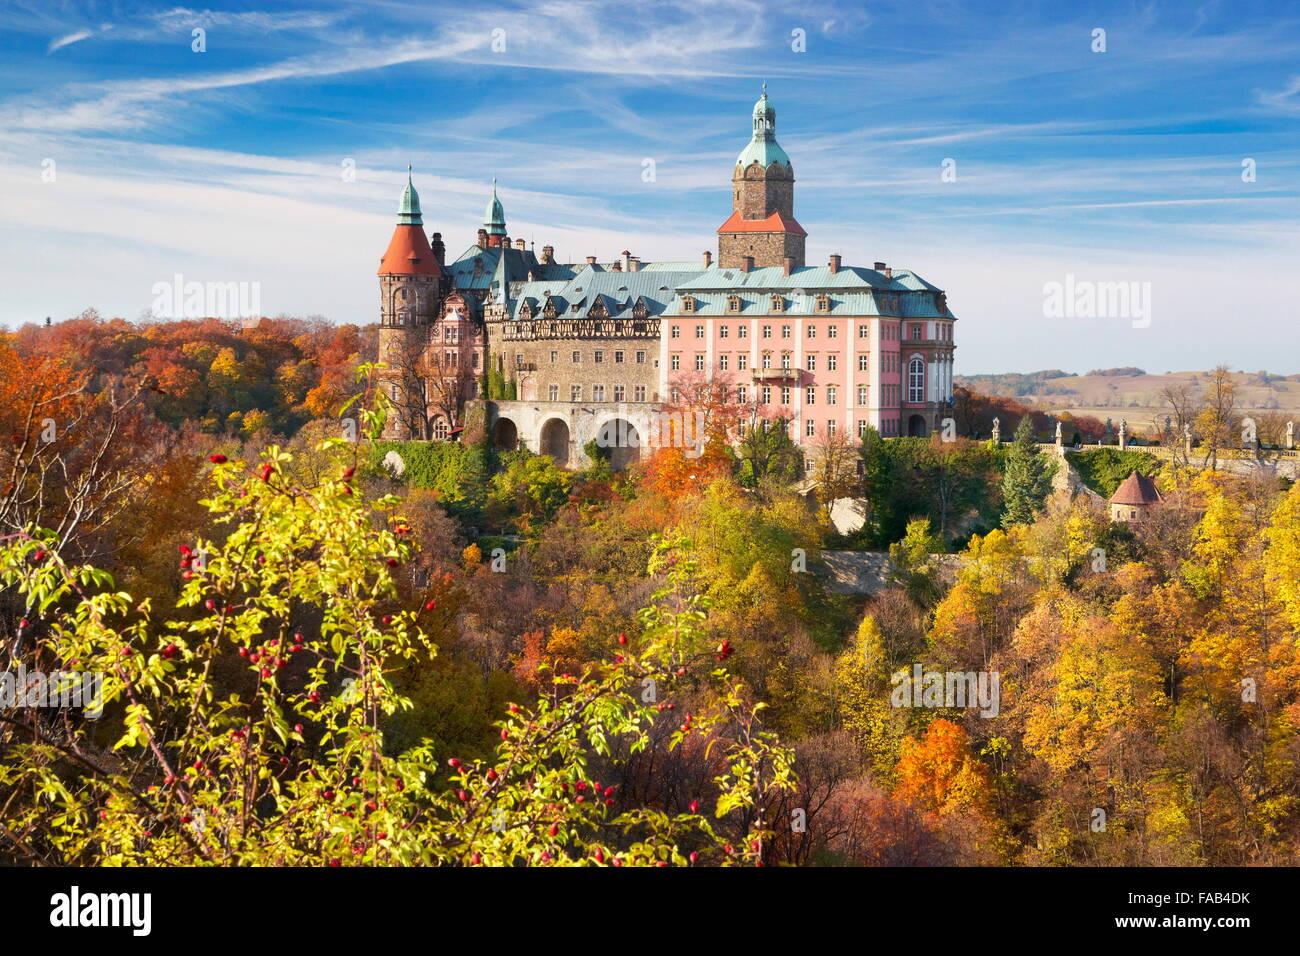 Ksiaz castle - Sudeten mountains, Silesia, Poland - Stock Image